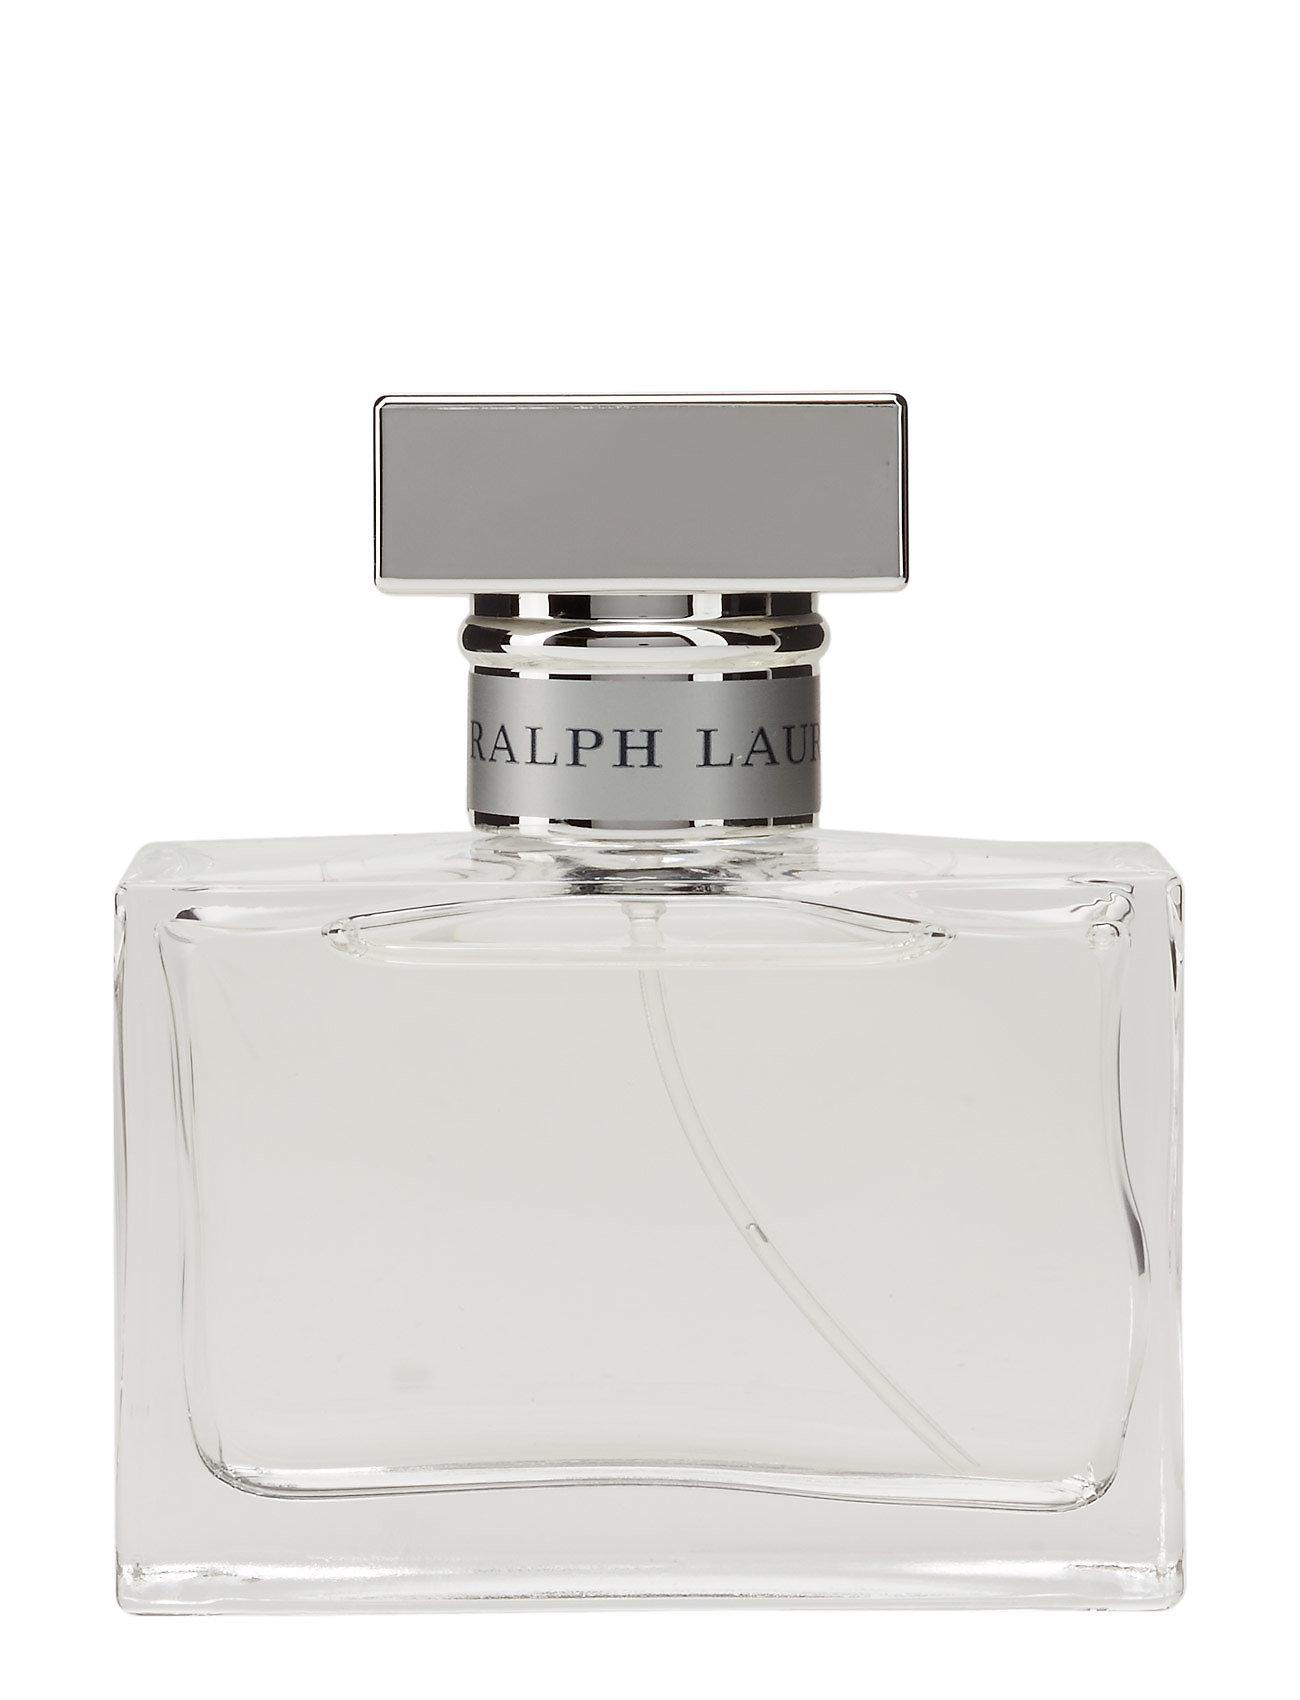 ralph lauren – Romance eau de parfum 50 ml på boozt.com dk